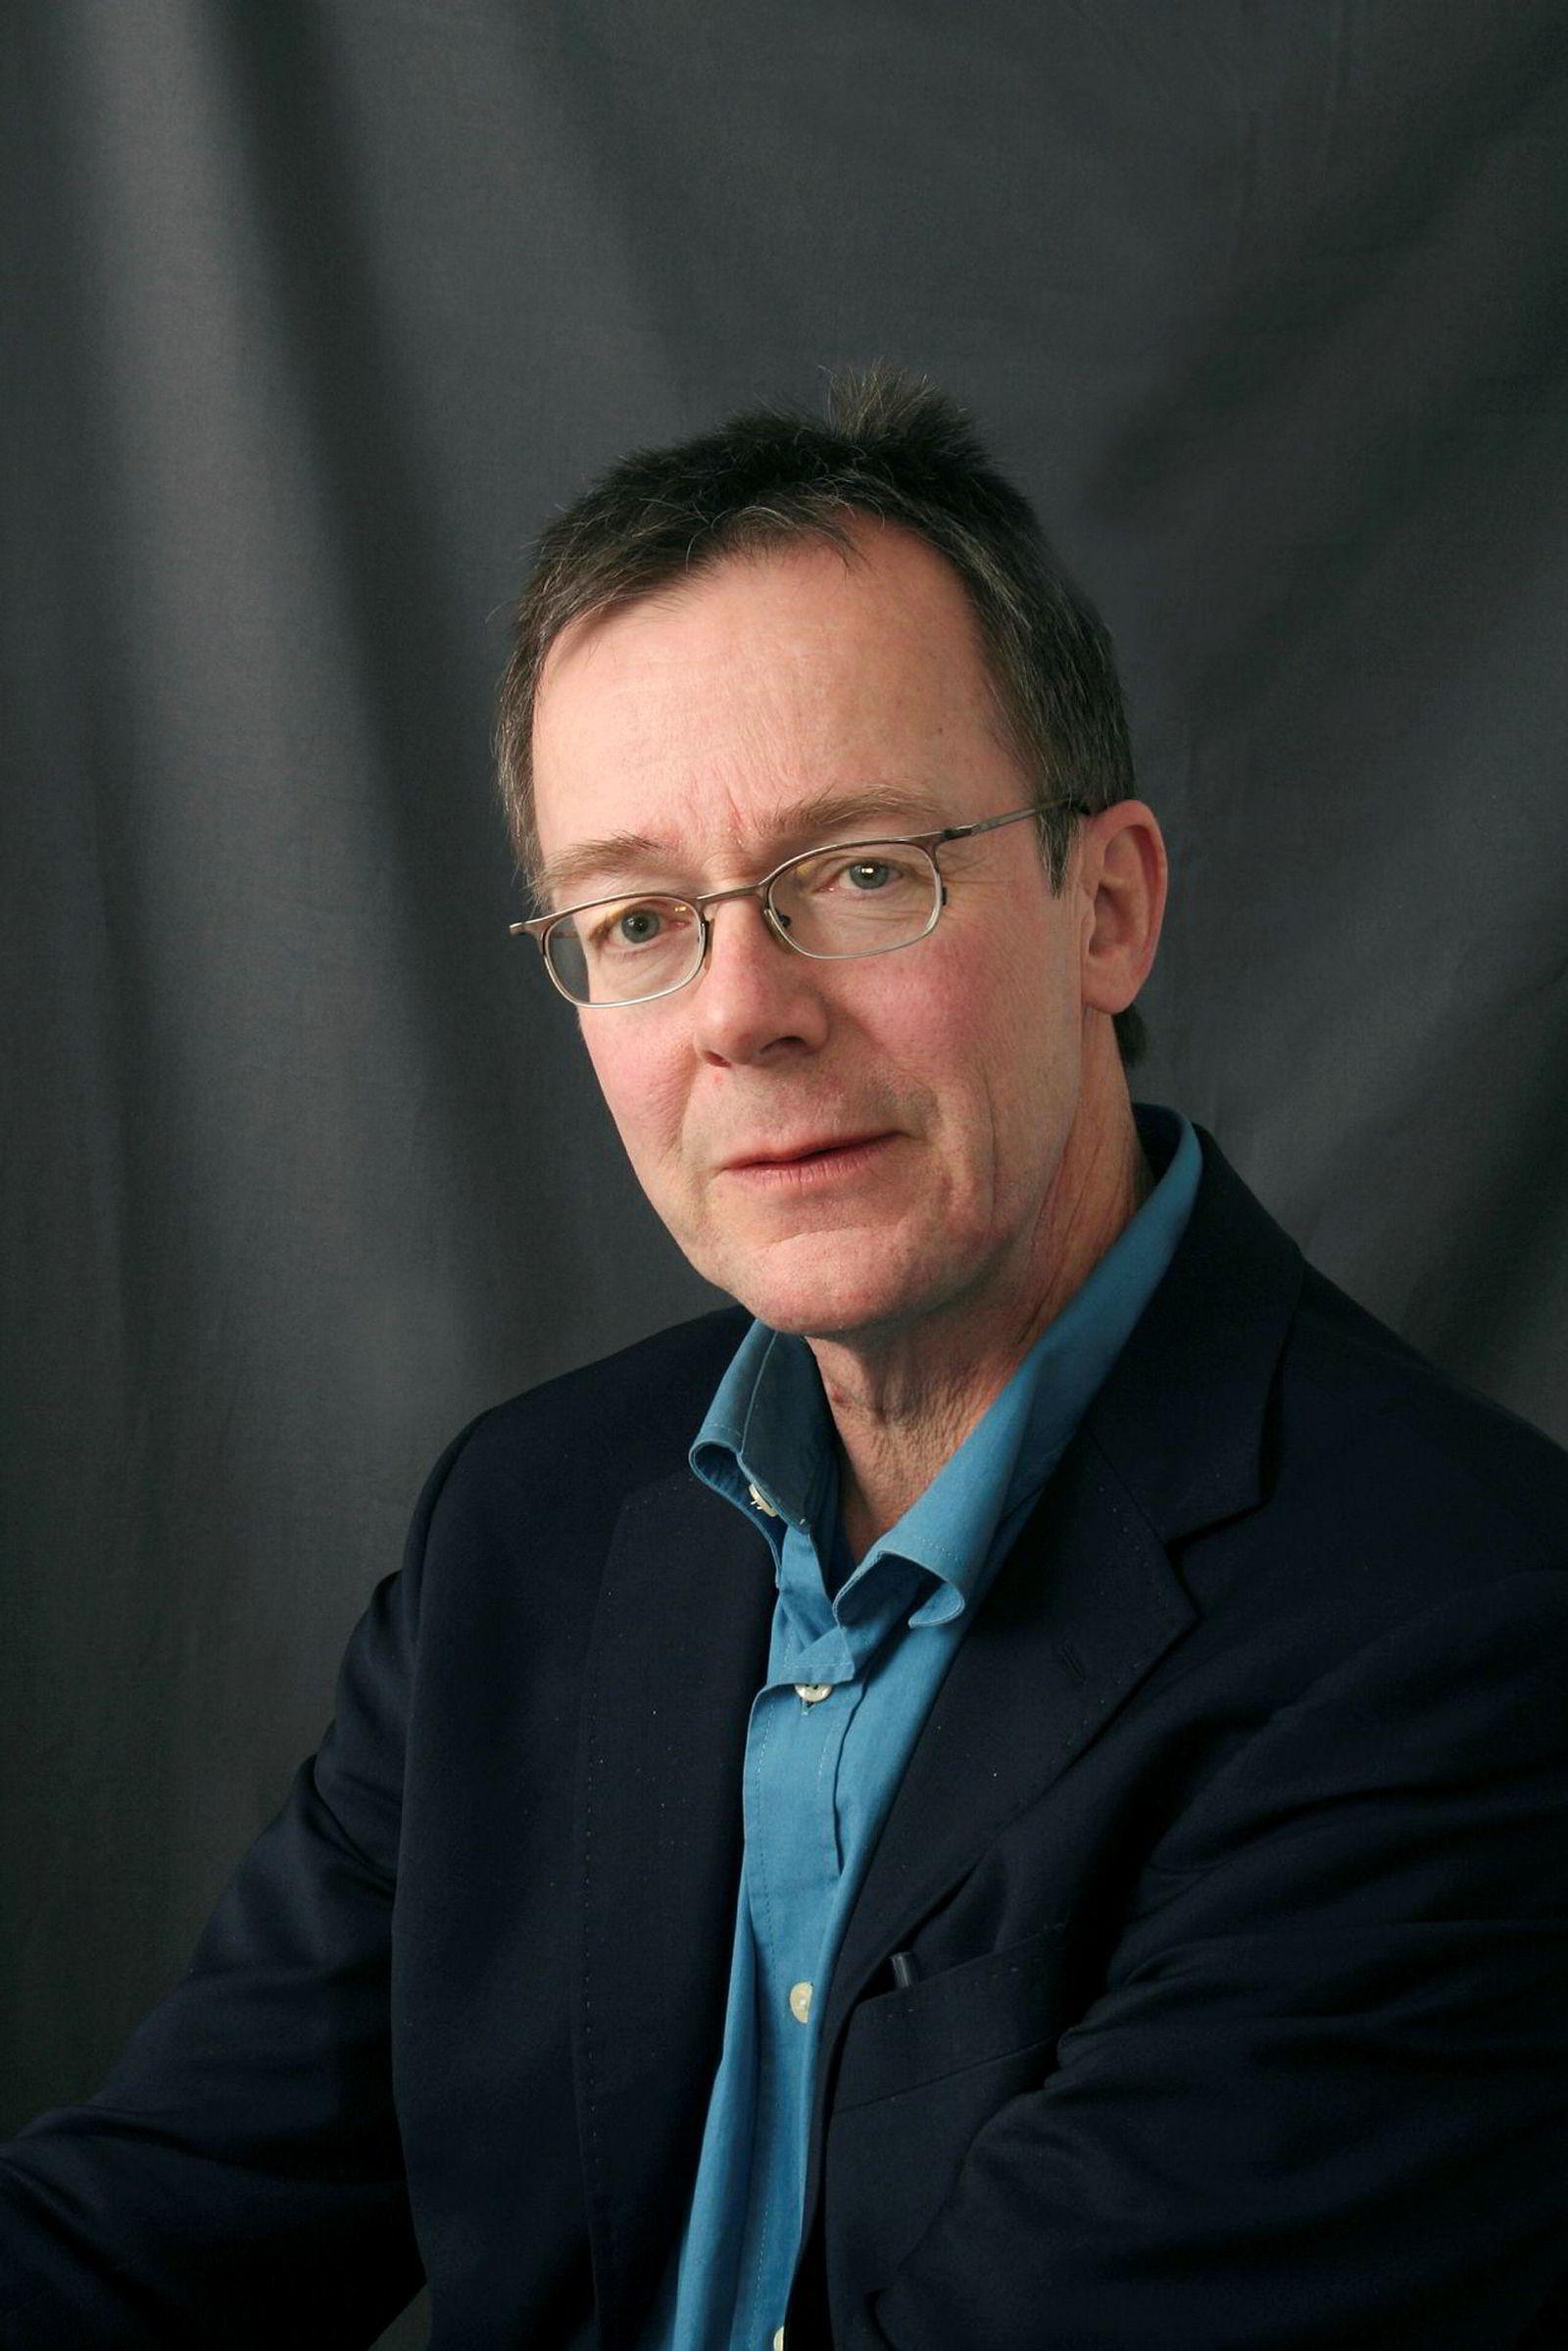 Arne Melchior ved Nupis avdeling for internasjonal økonomi.